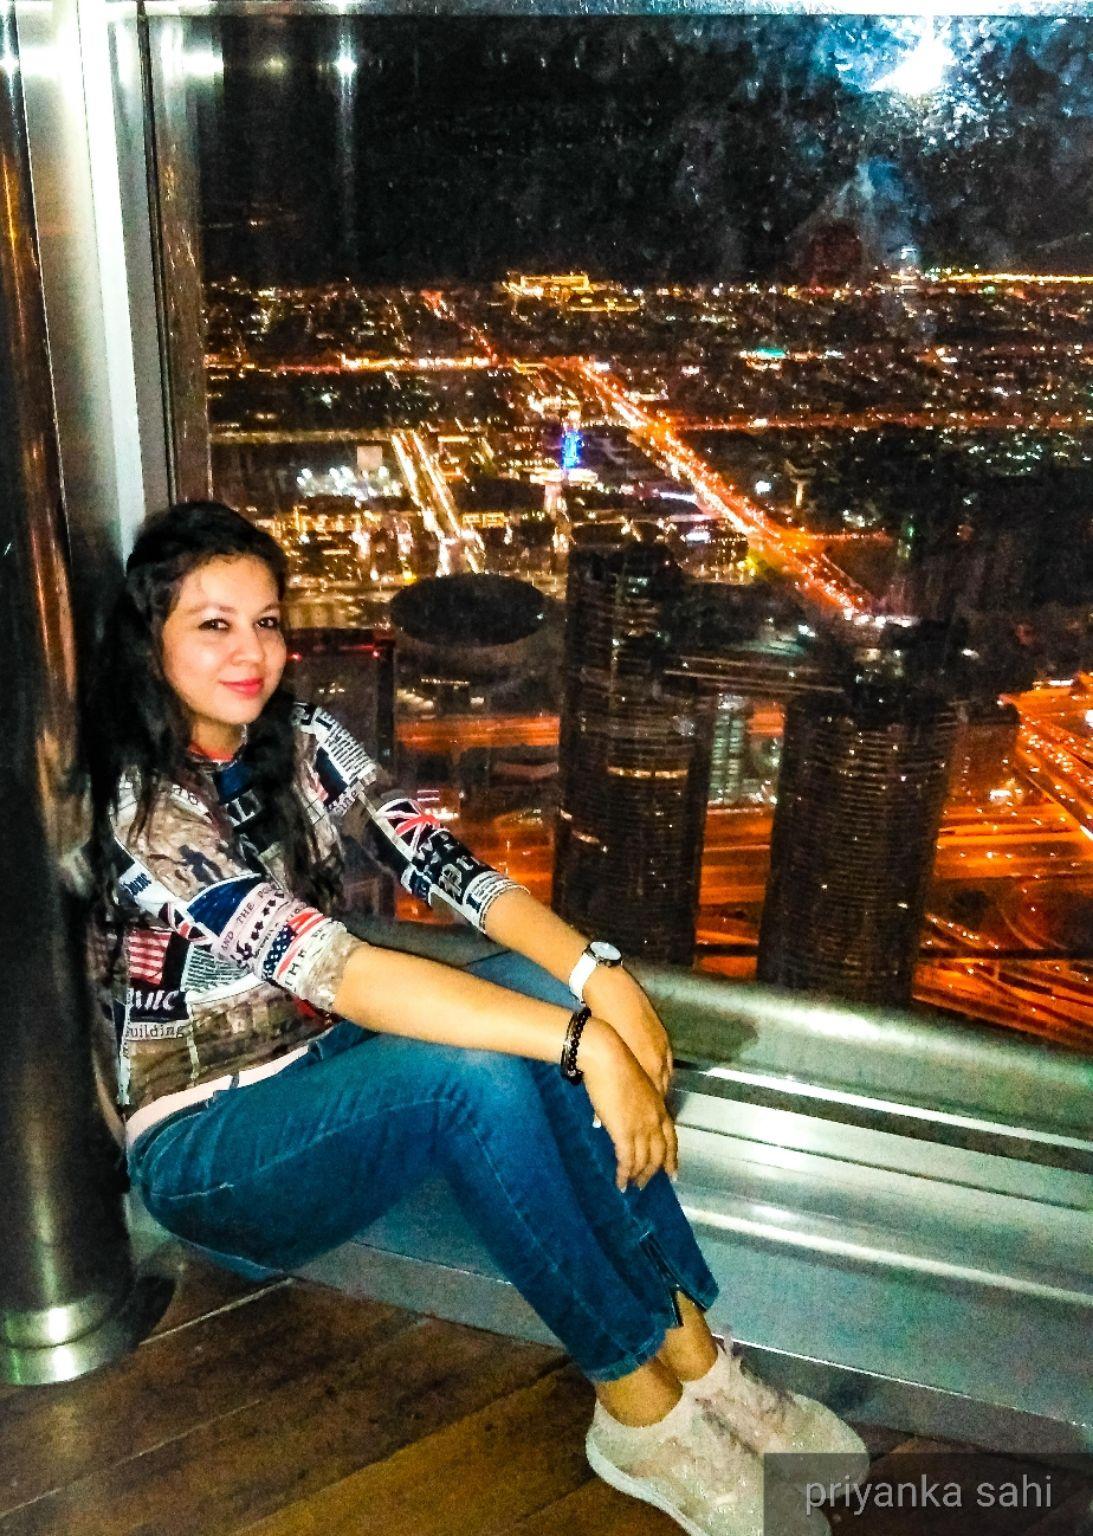 Photo of Burj Khalifa - Sheikh Mohammed bin Rashid Boulevard - Dubai - United Arab Emirates By Priyanka